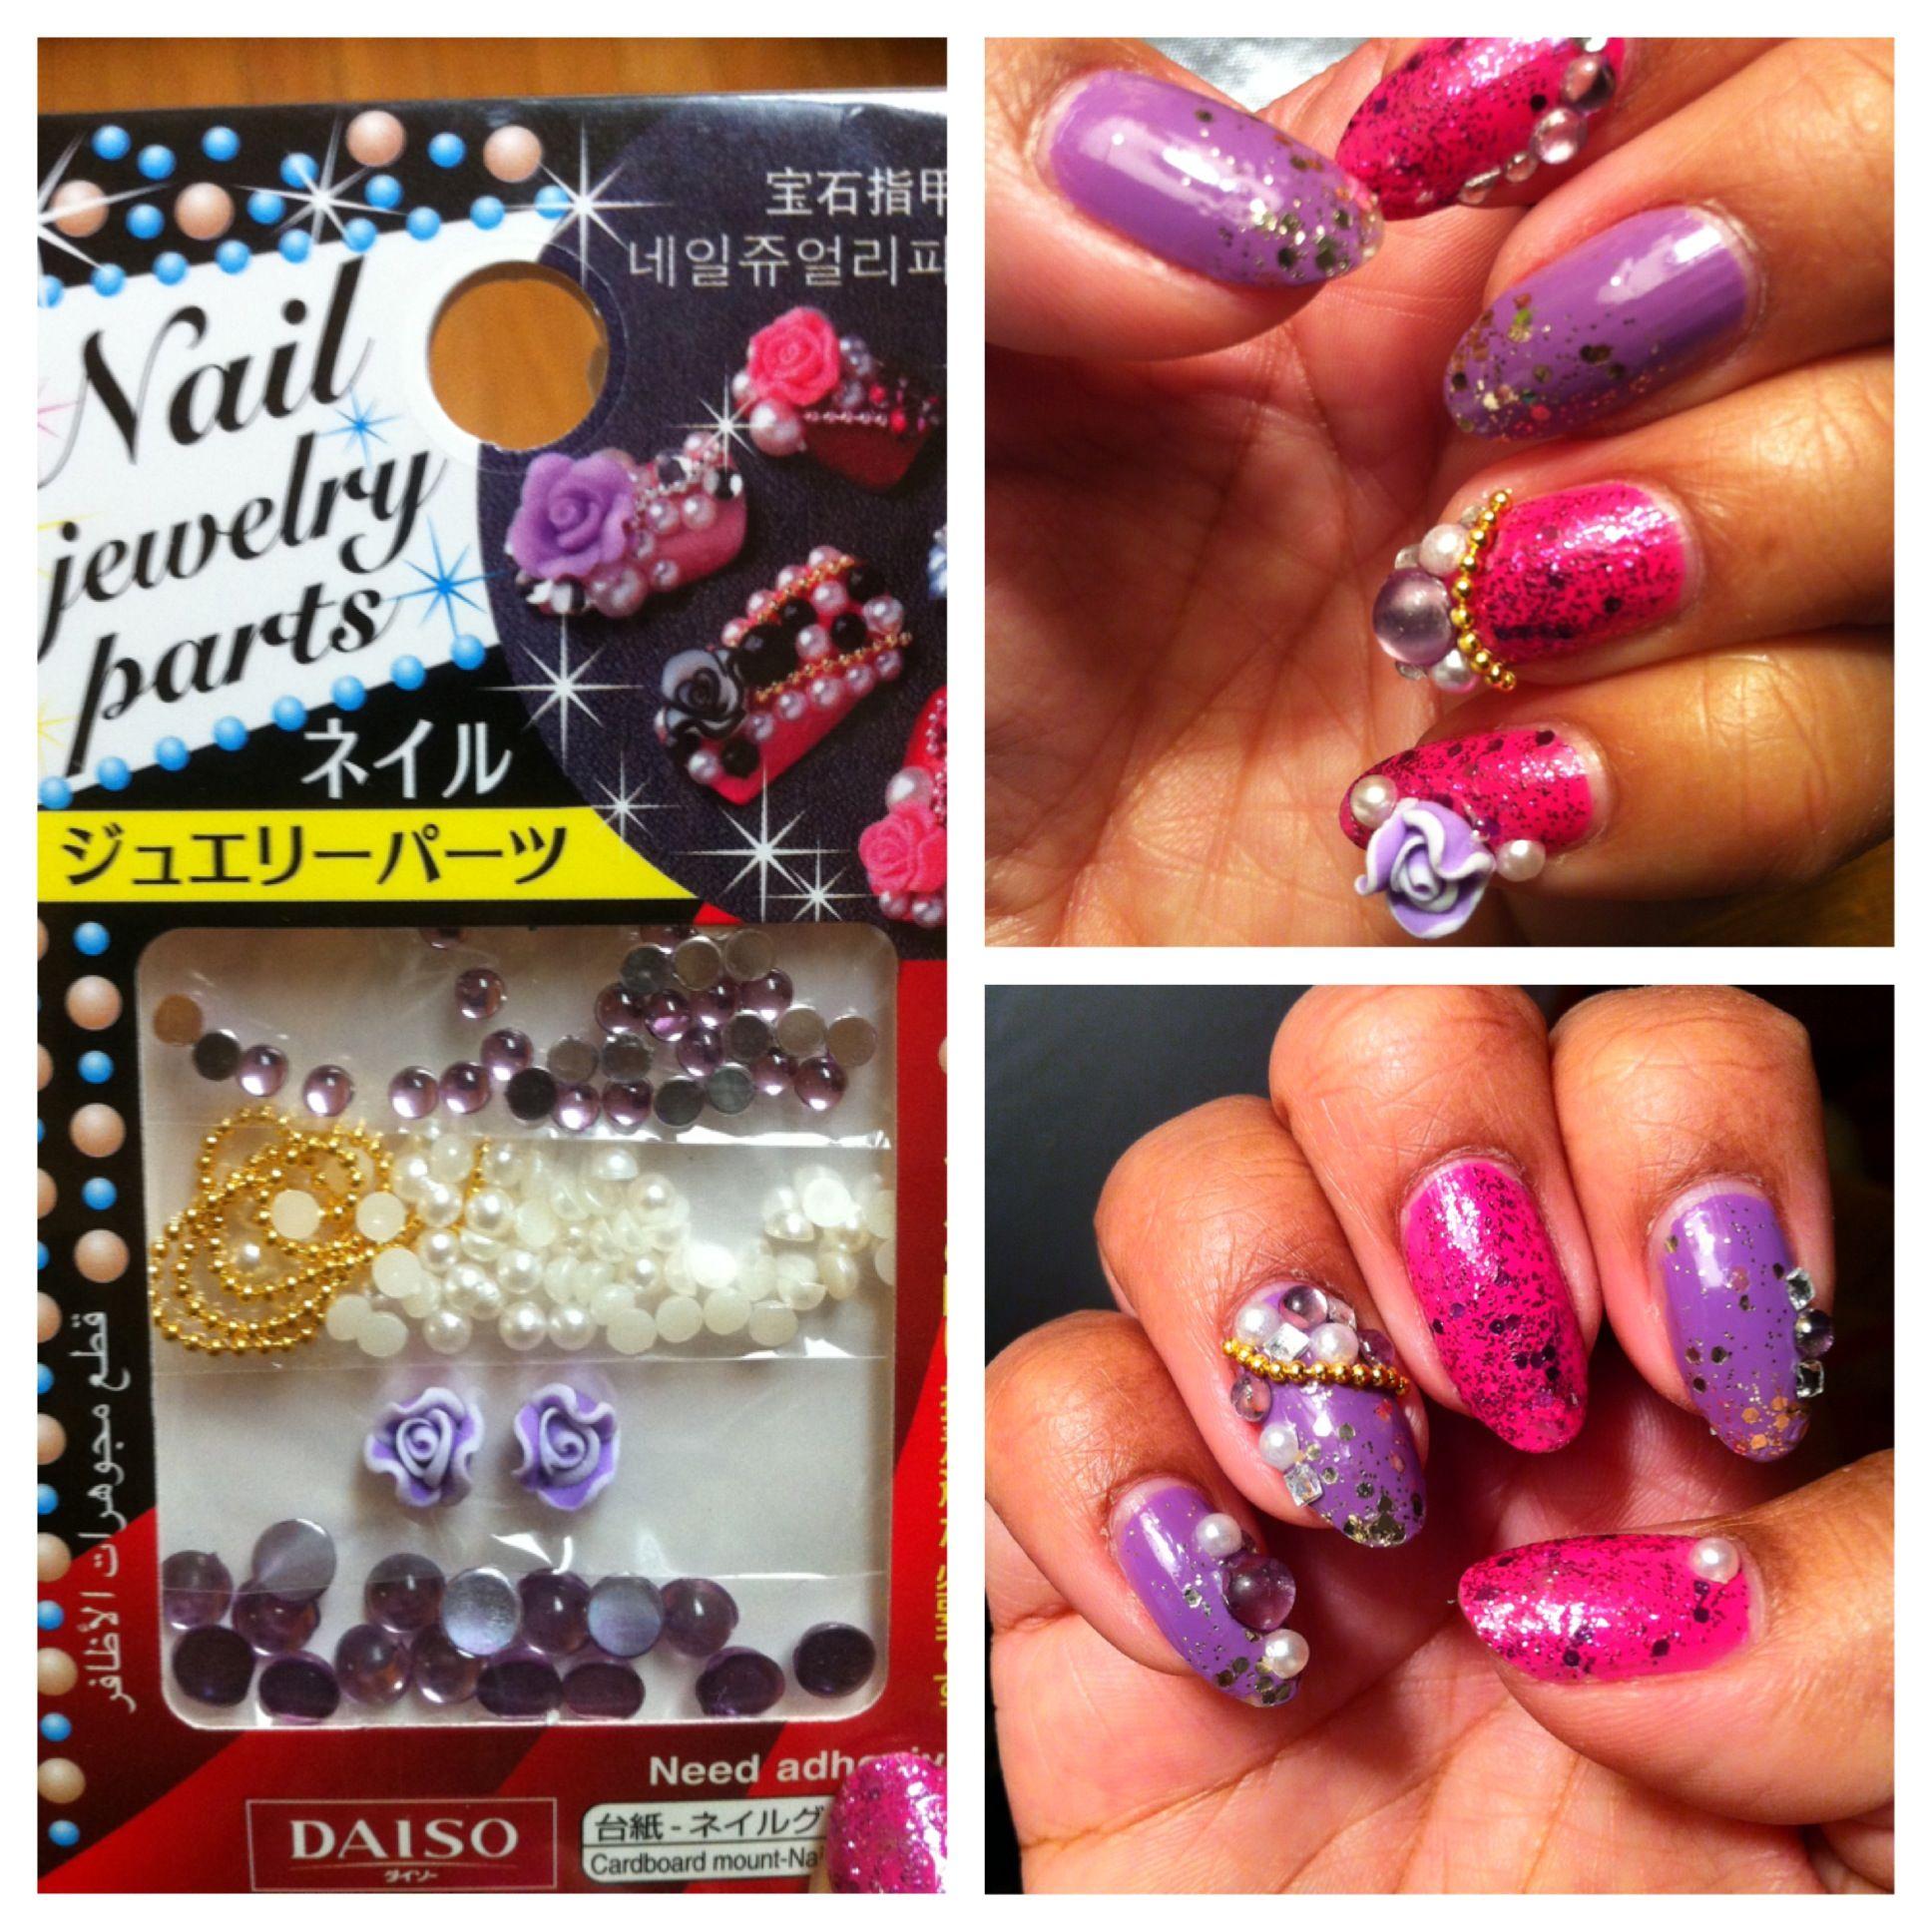 3d Nail Art Kit From Daiso Nails Pinterest Nail Art Kits